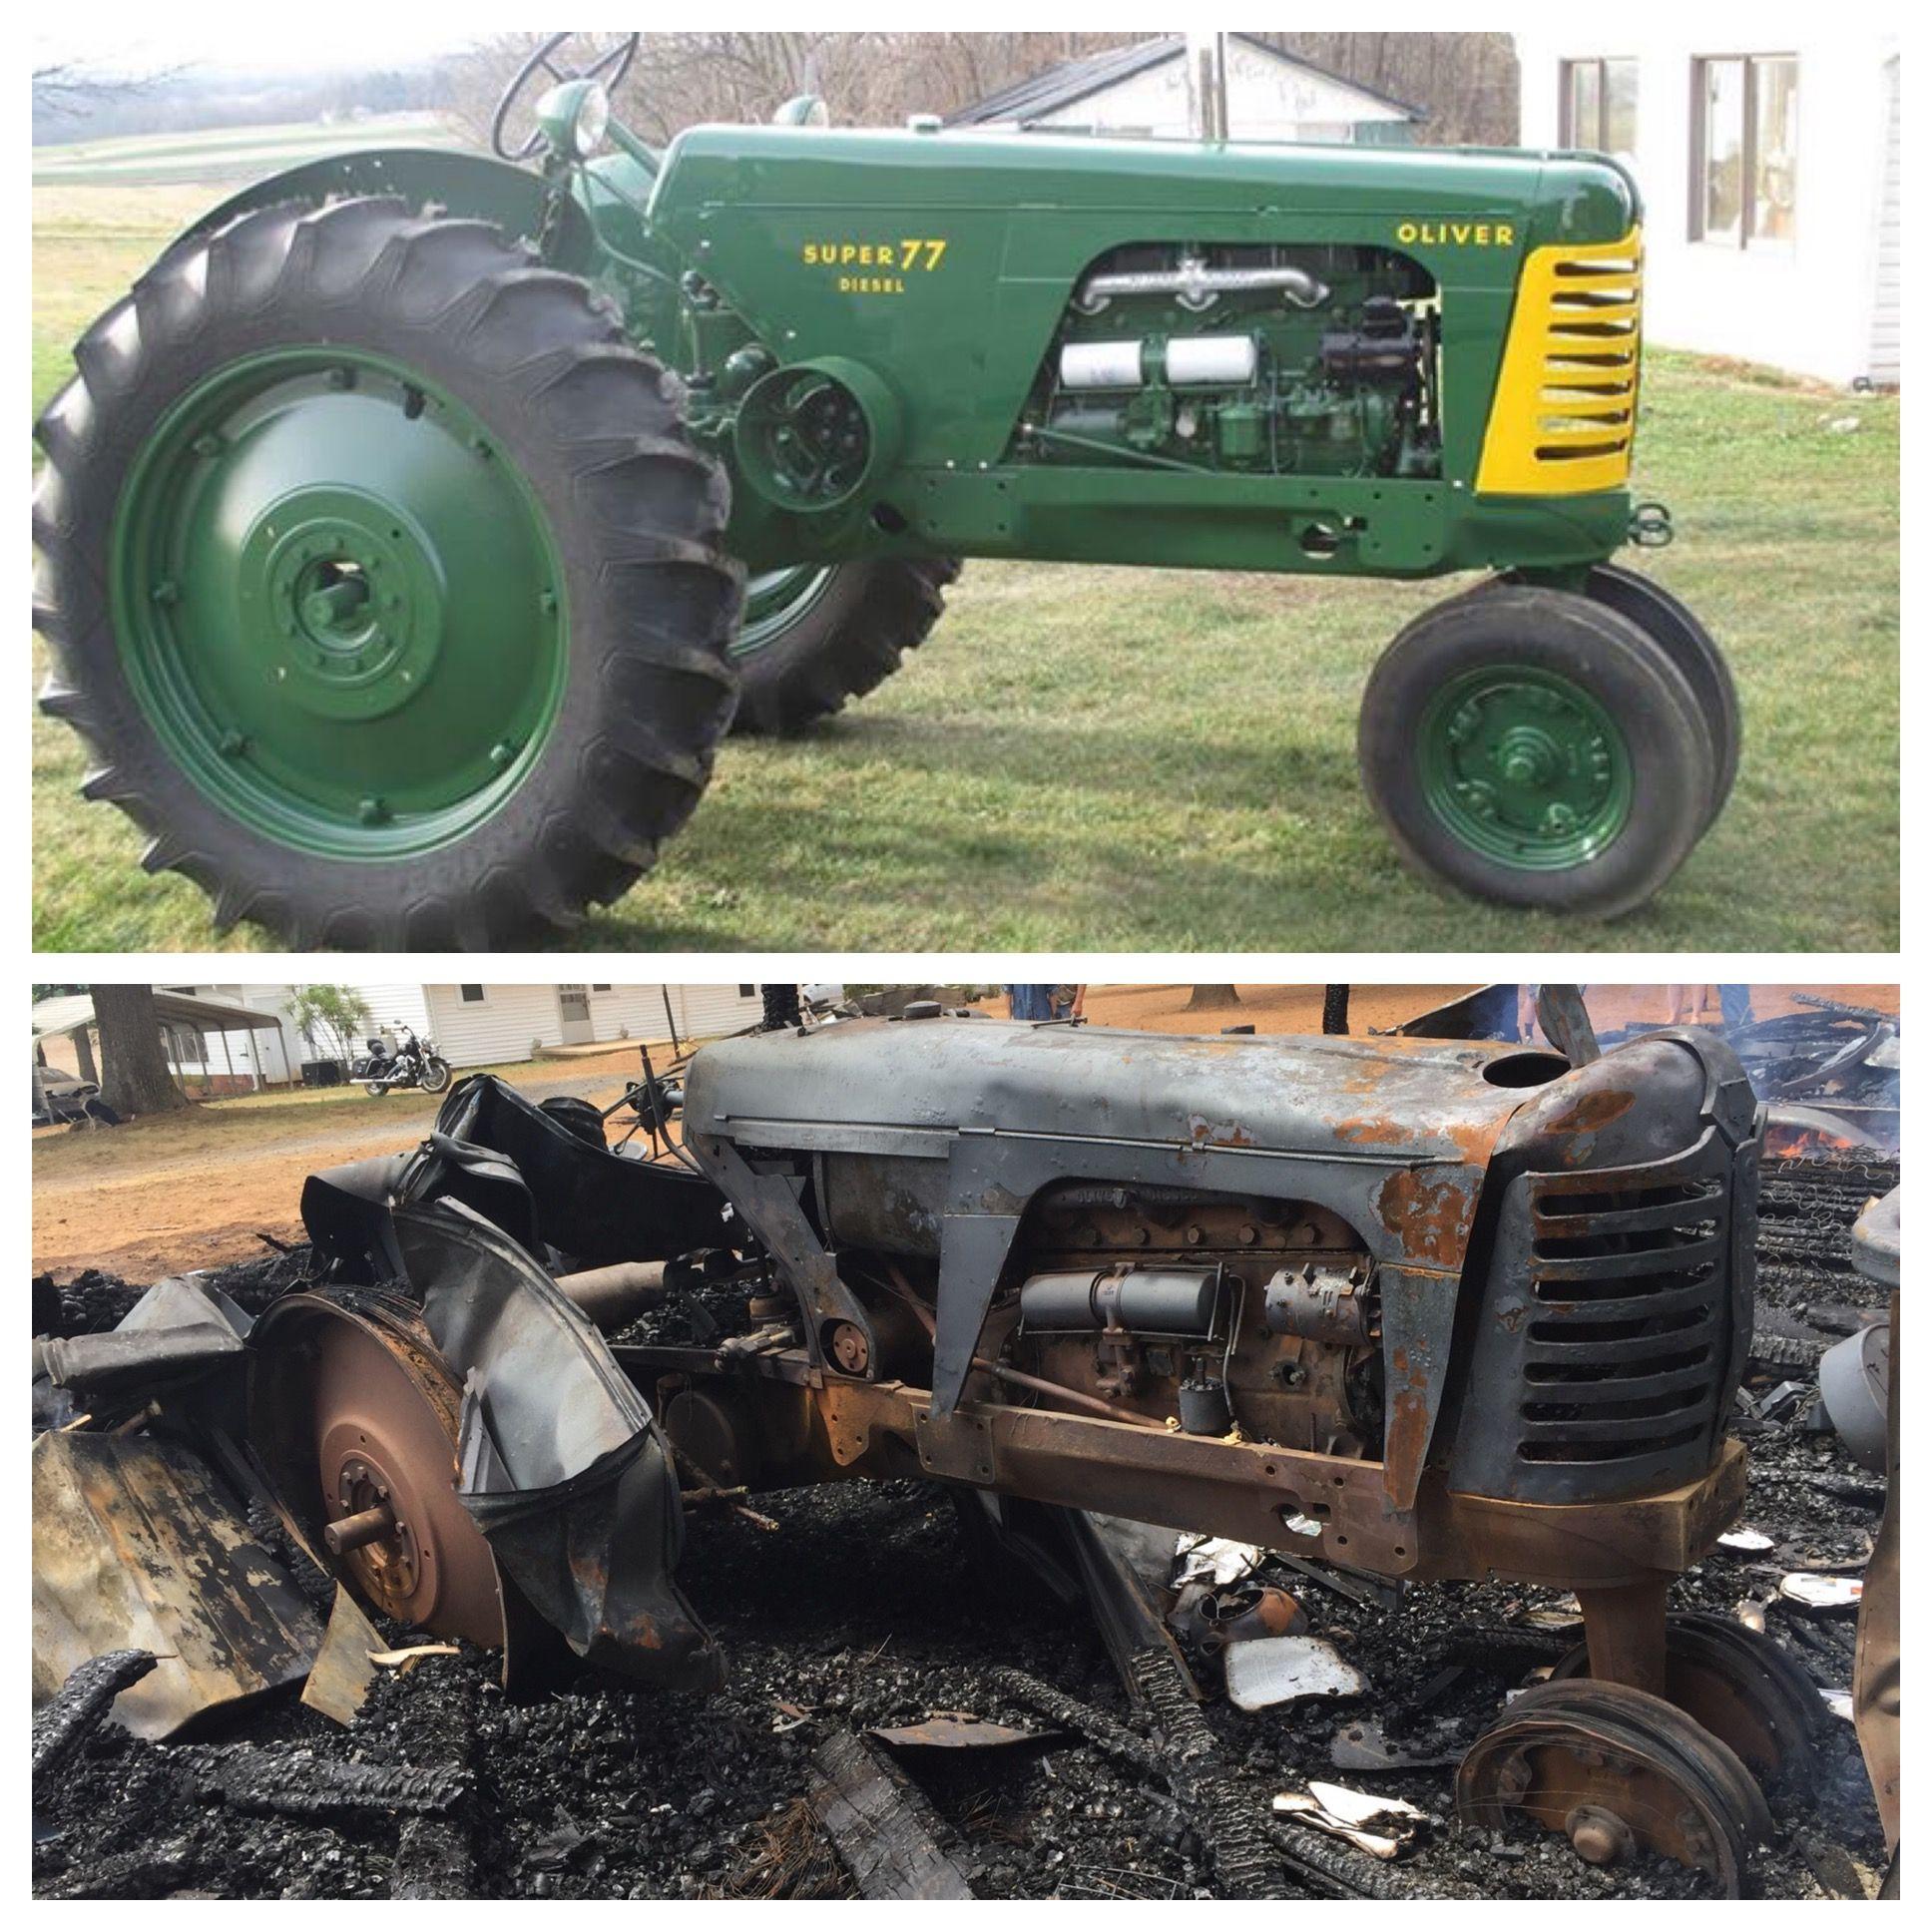 1955 Oliver Super 77 Diesel Tractor Fire Restoration